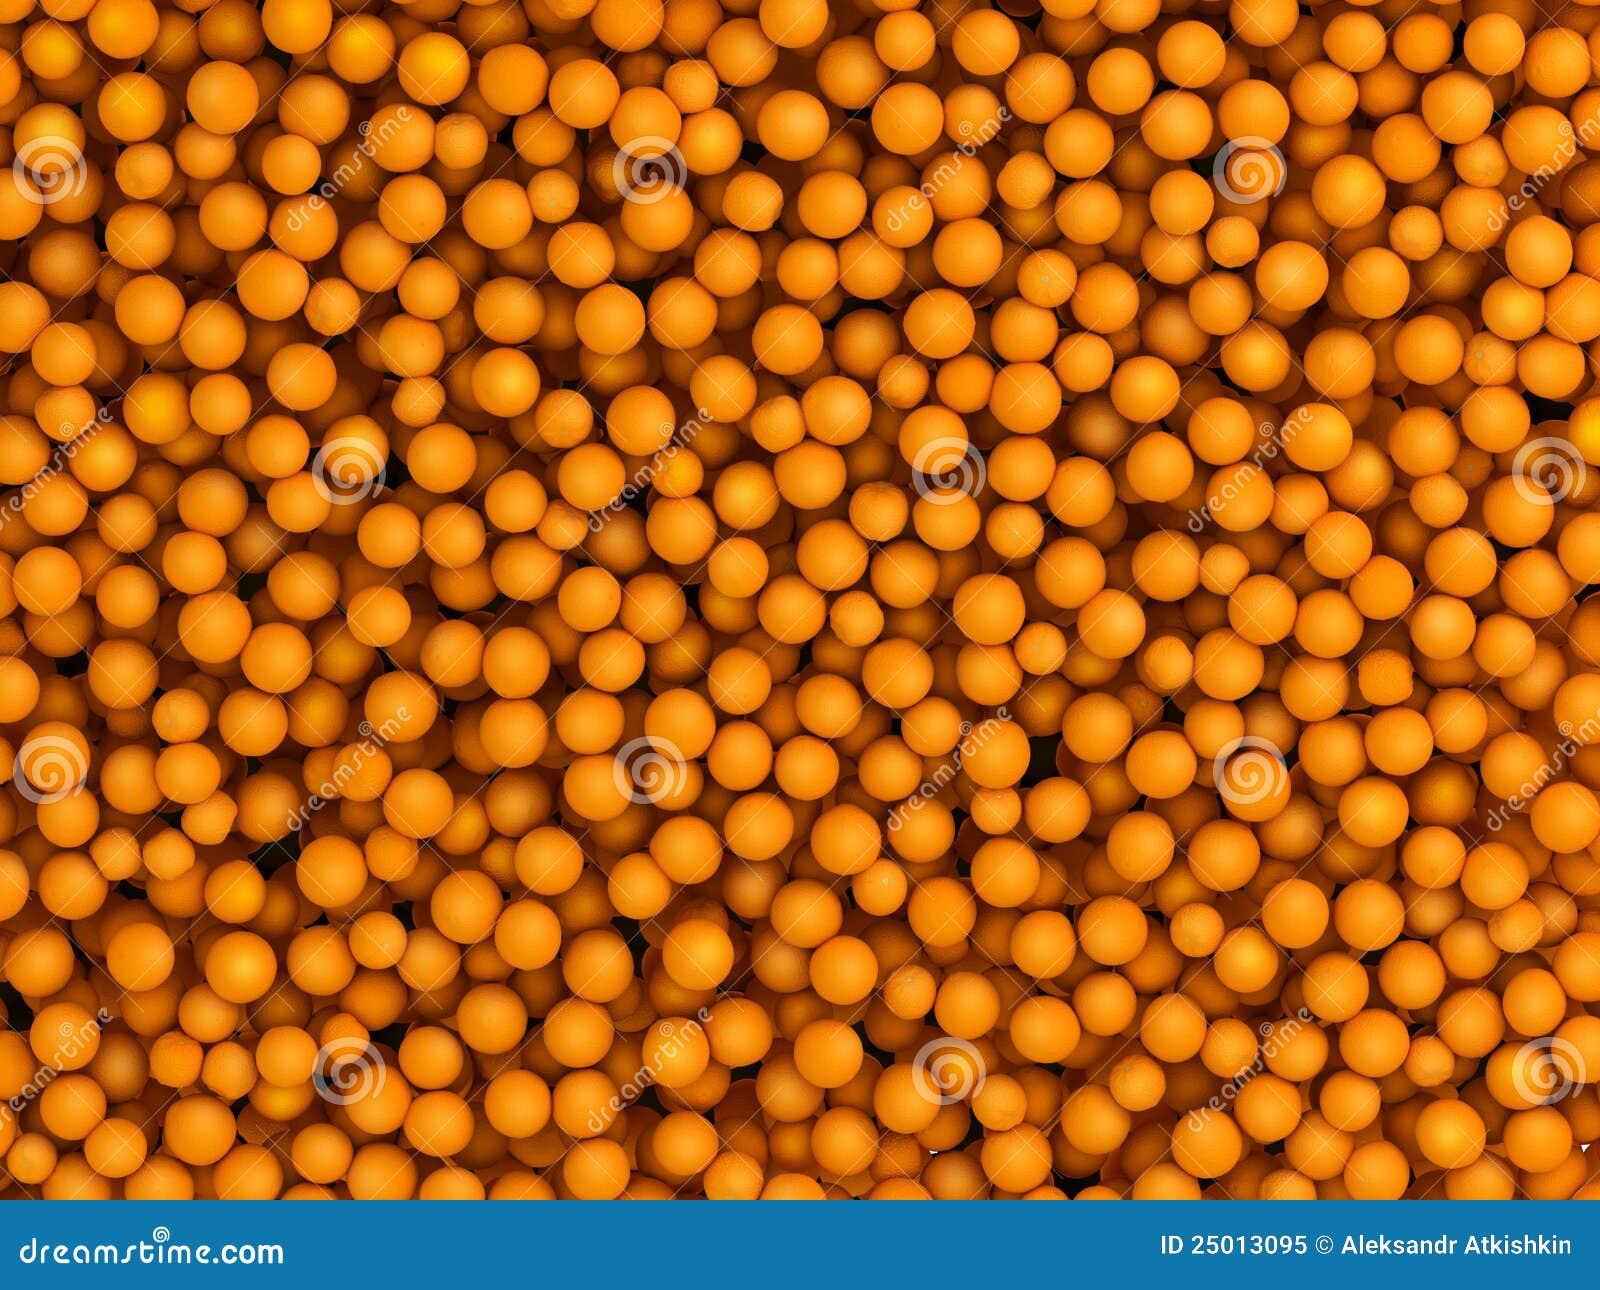 orange background free stock - photo #40